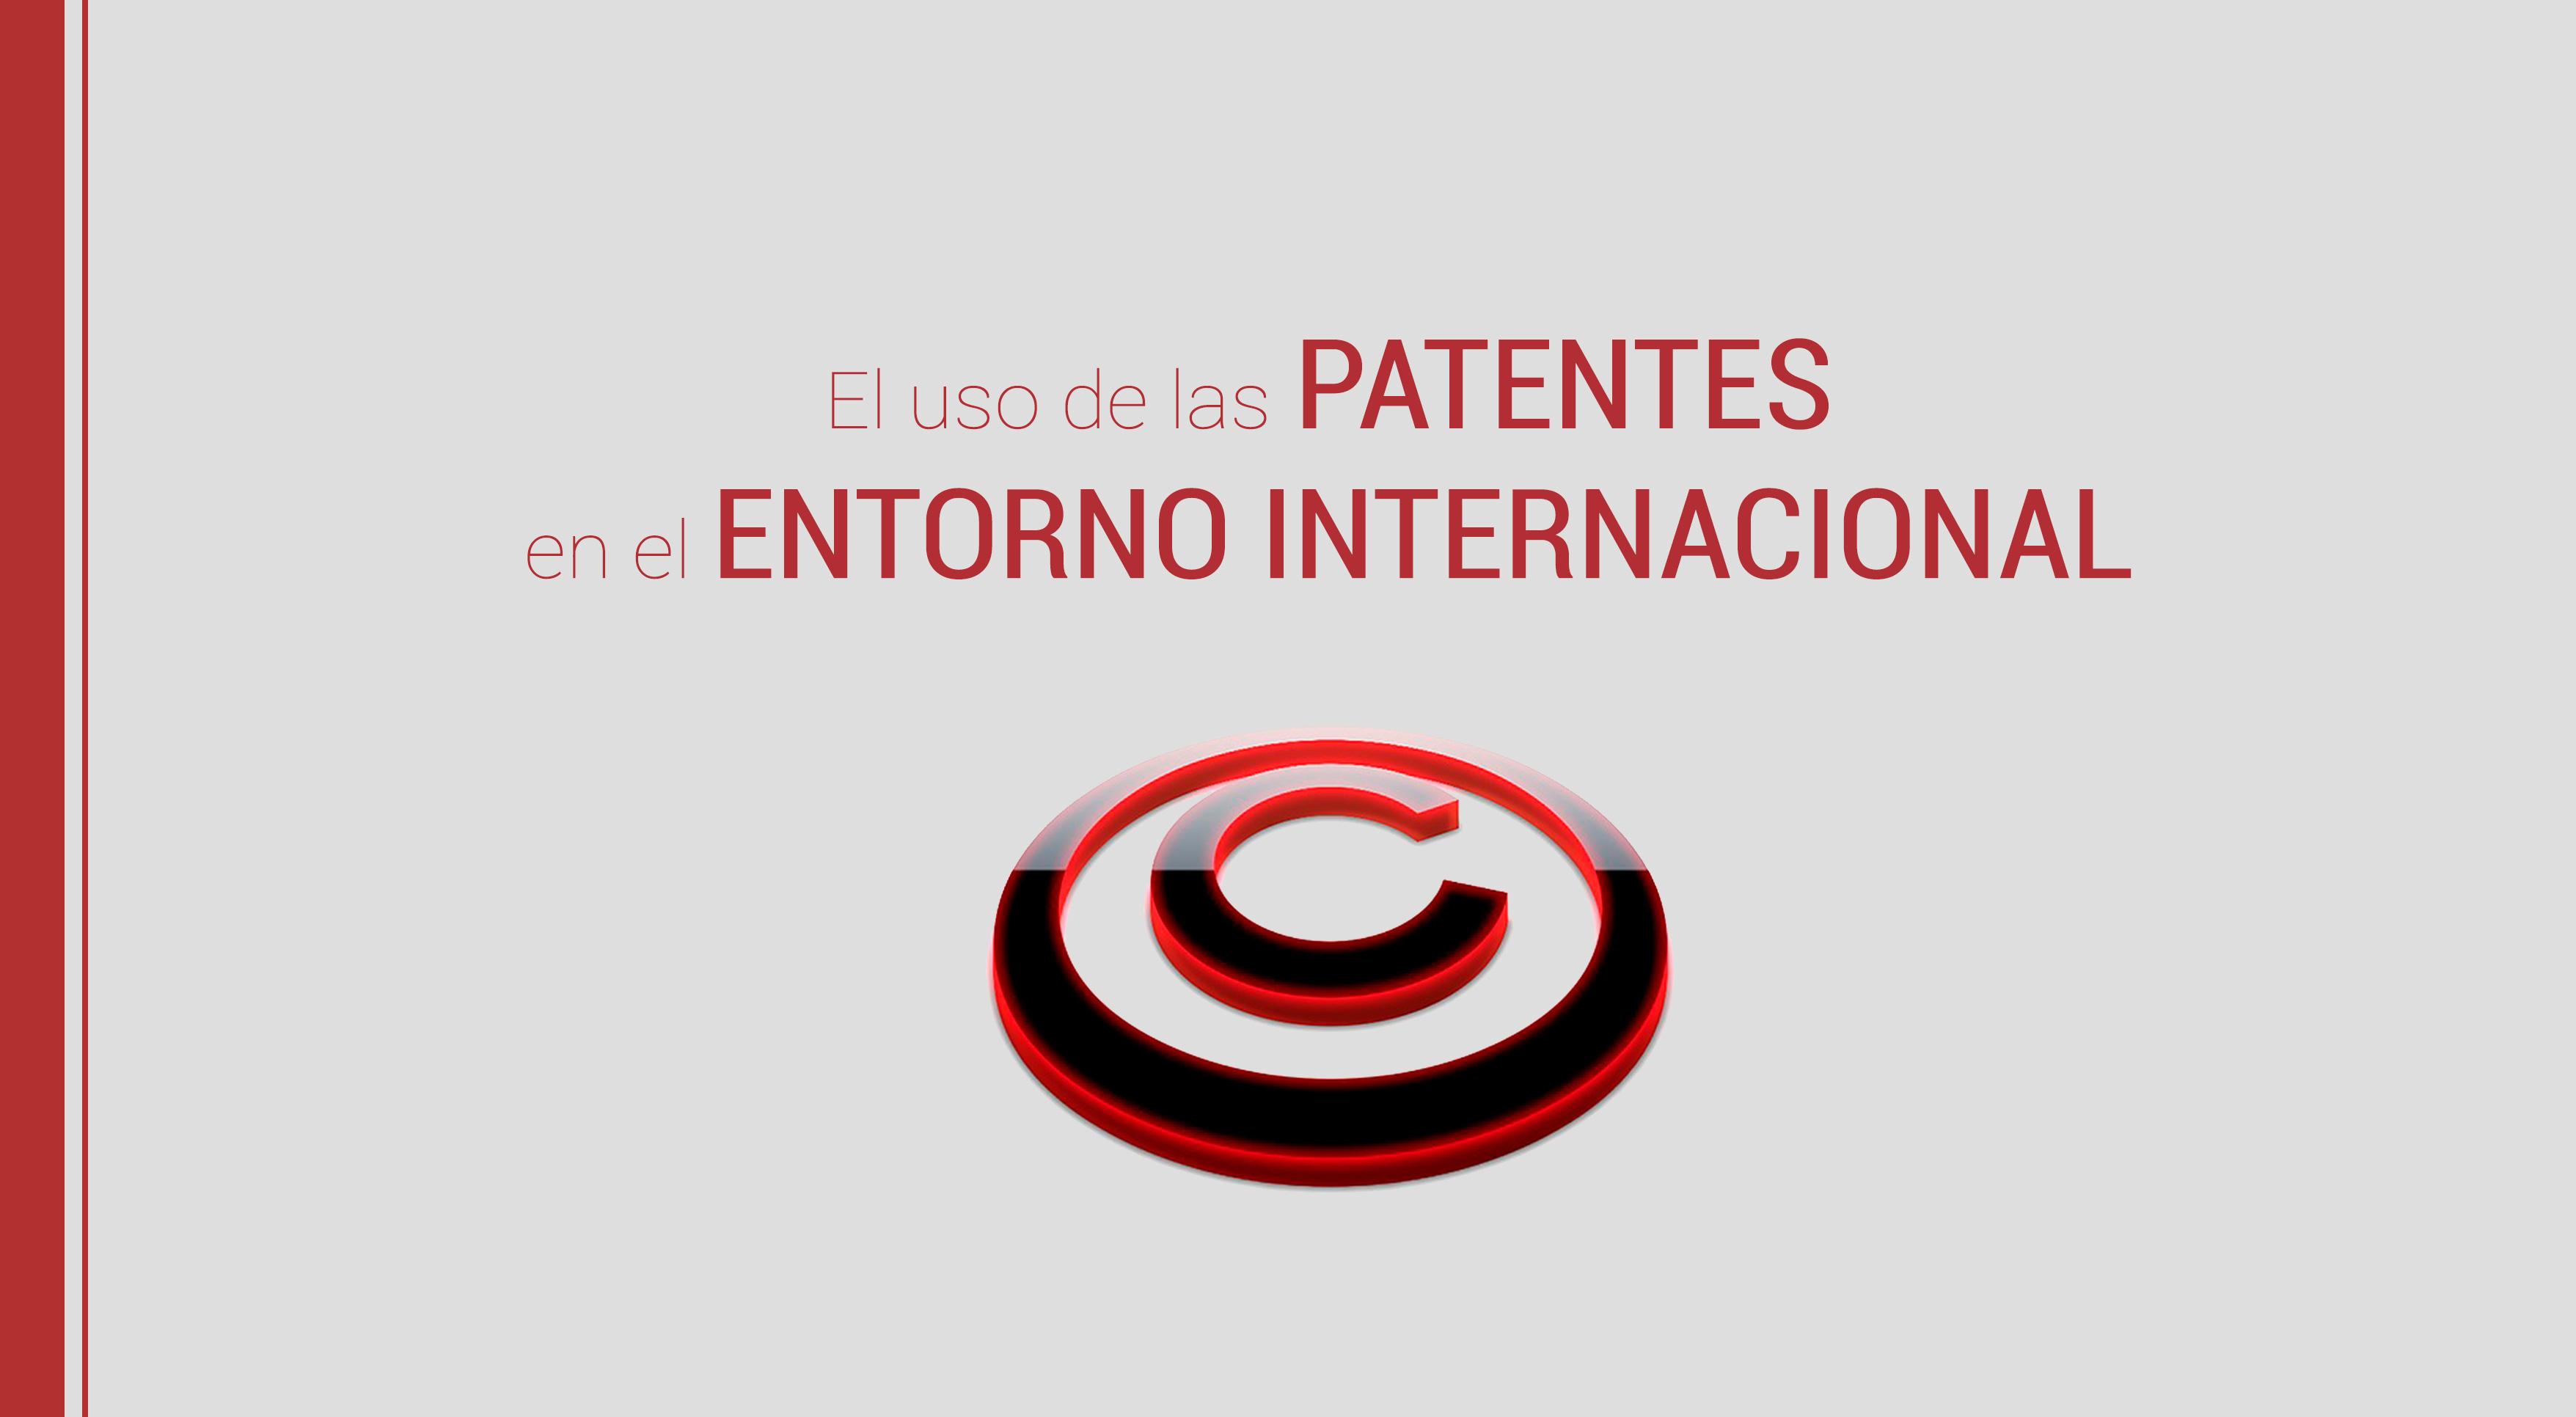 patentes-entorno-internacional Las patentes y marcas en el entorno internacional